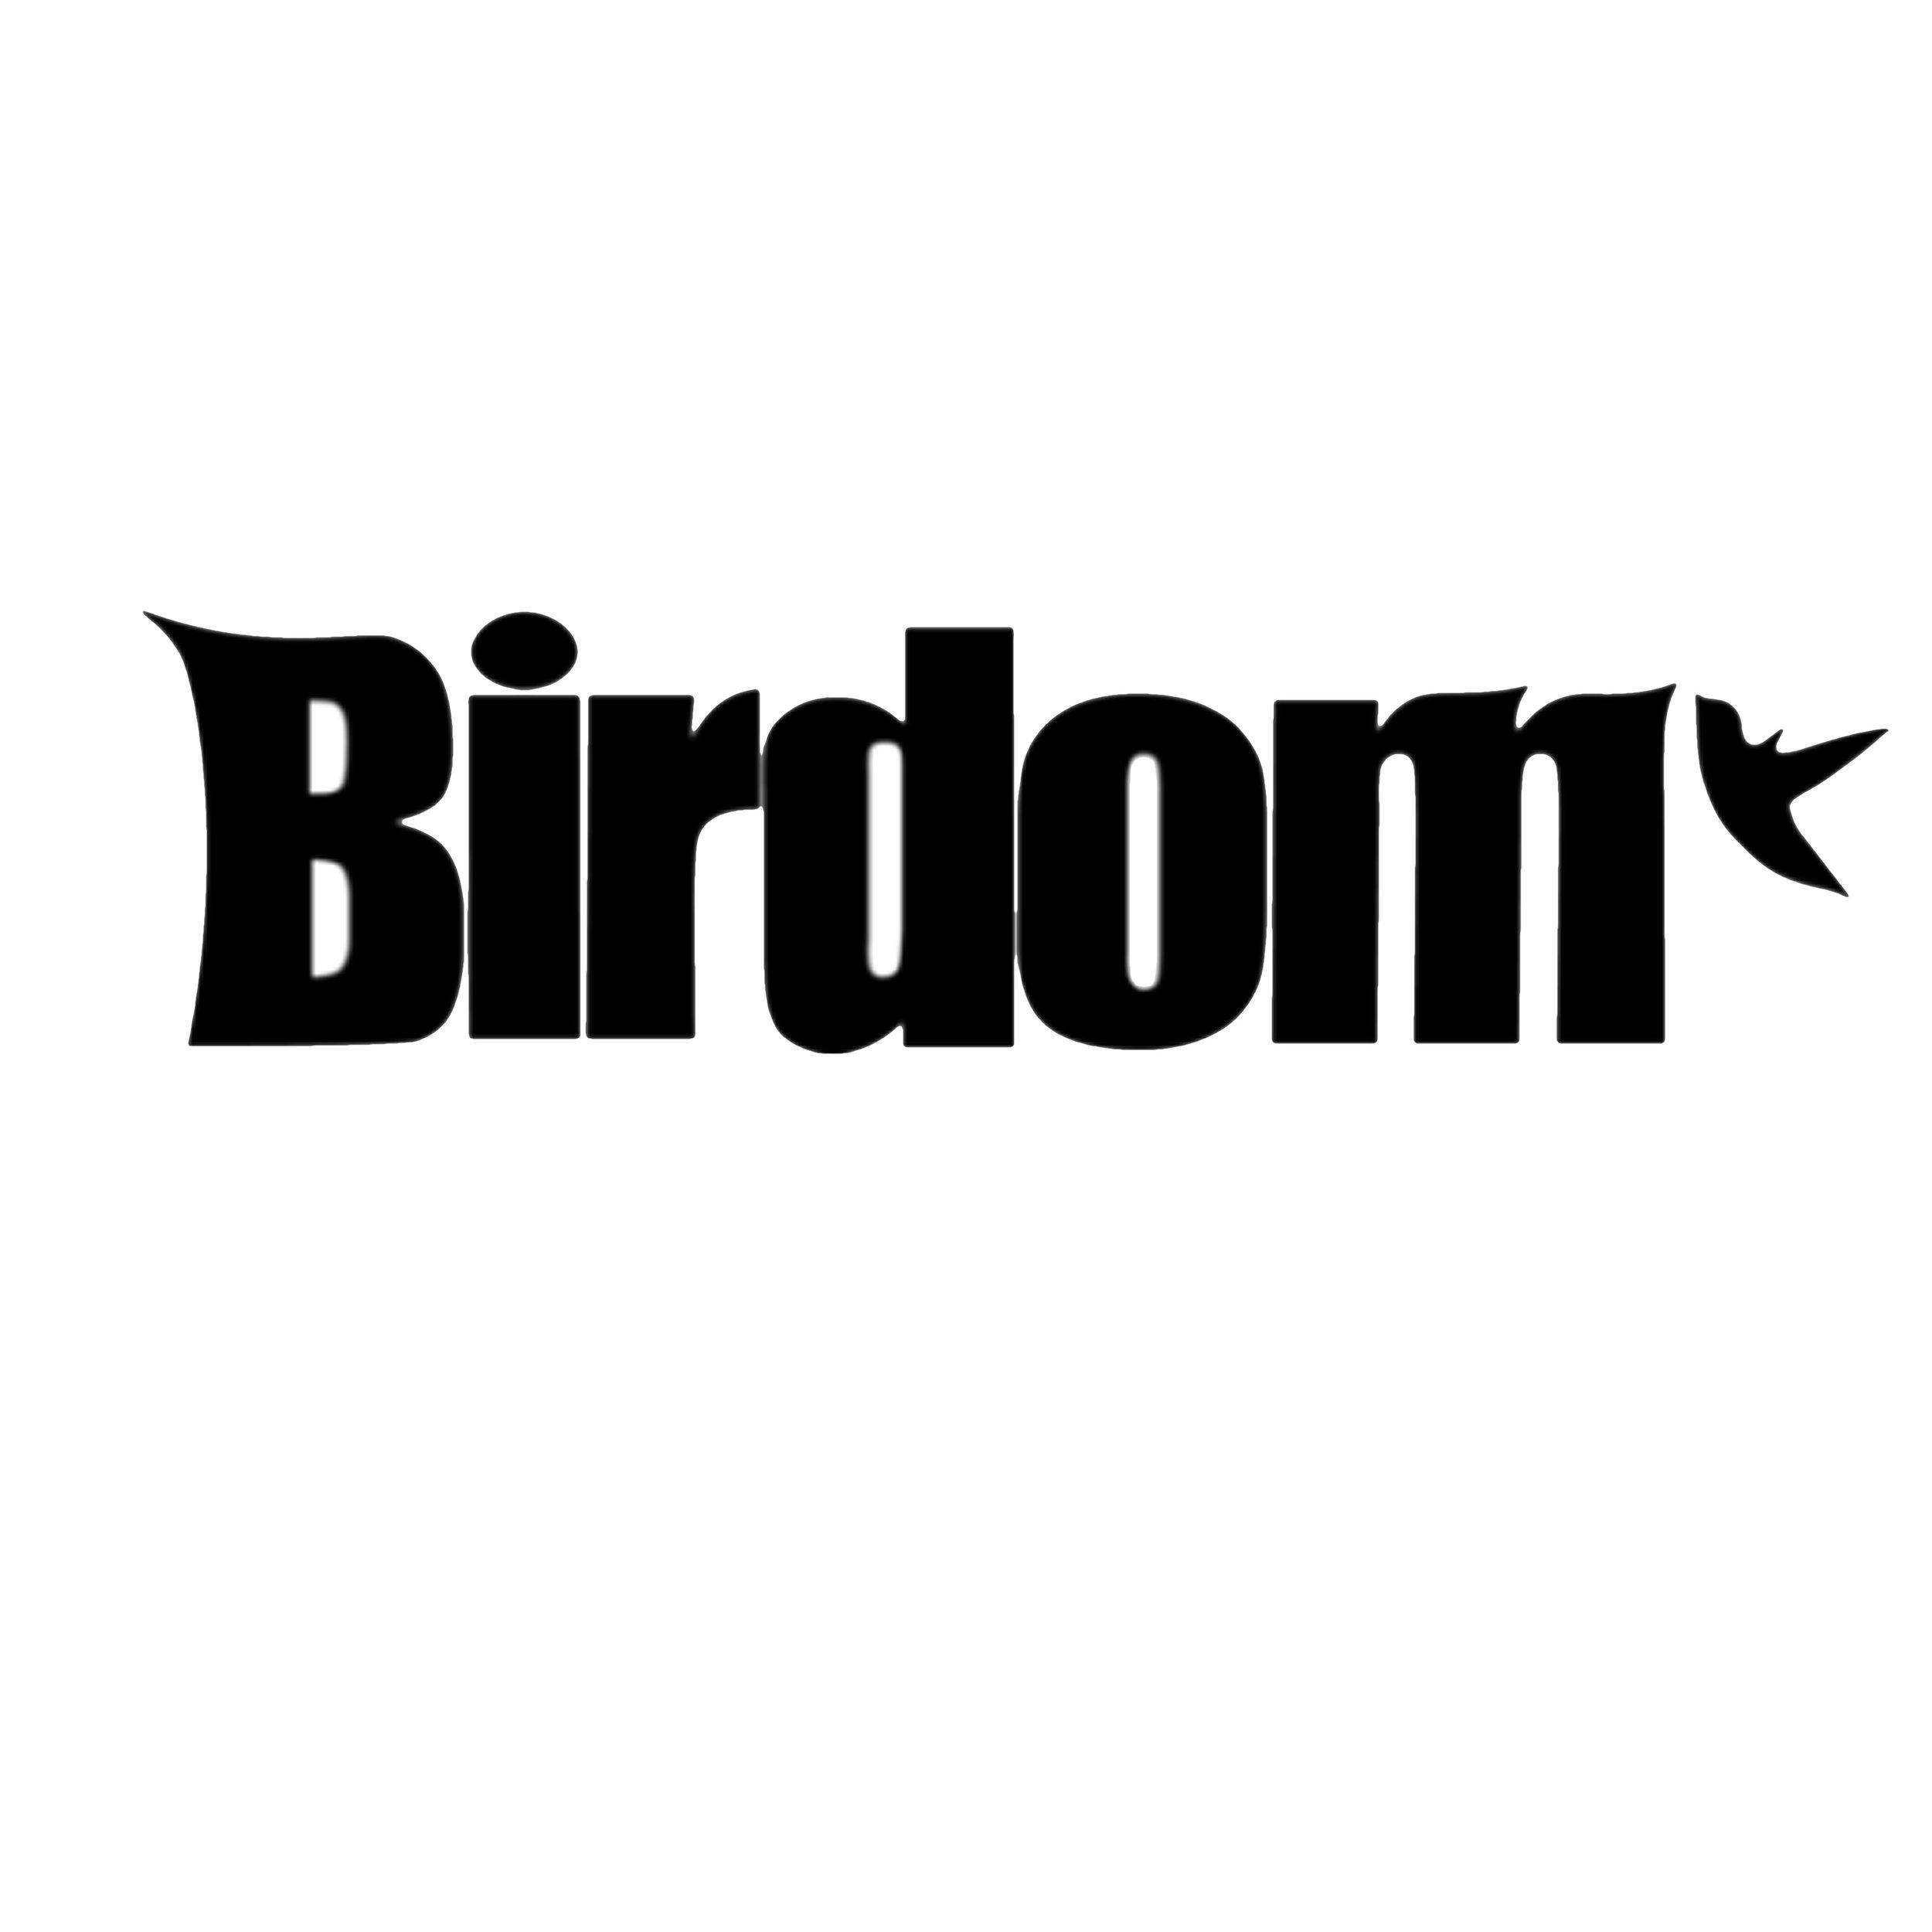 birddog-surfboards-logo